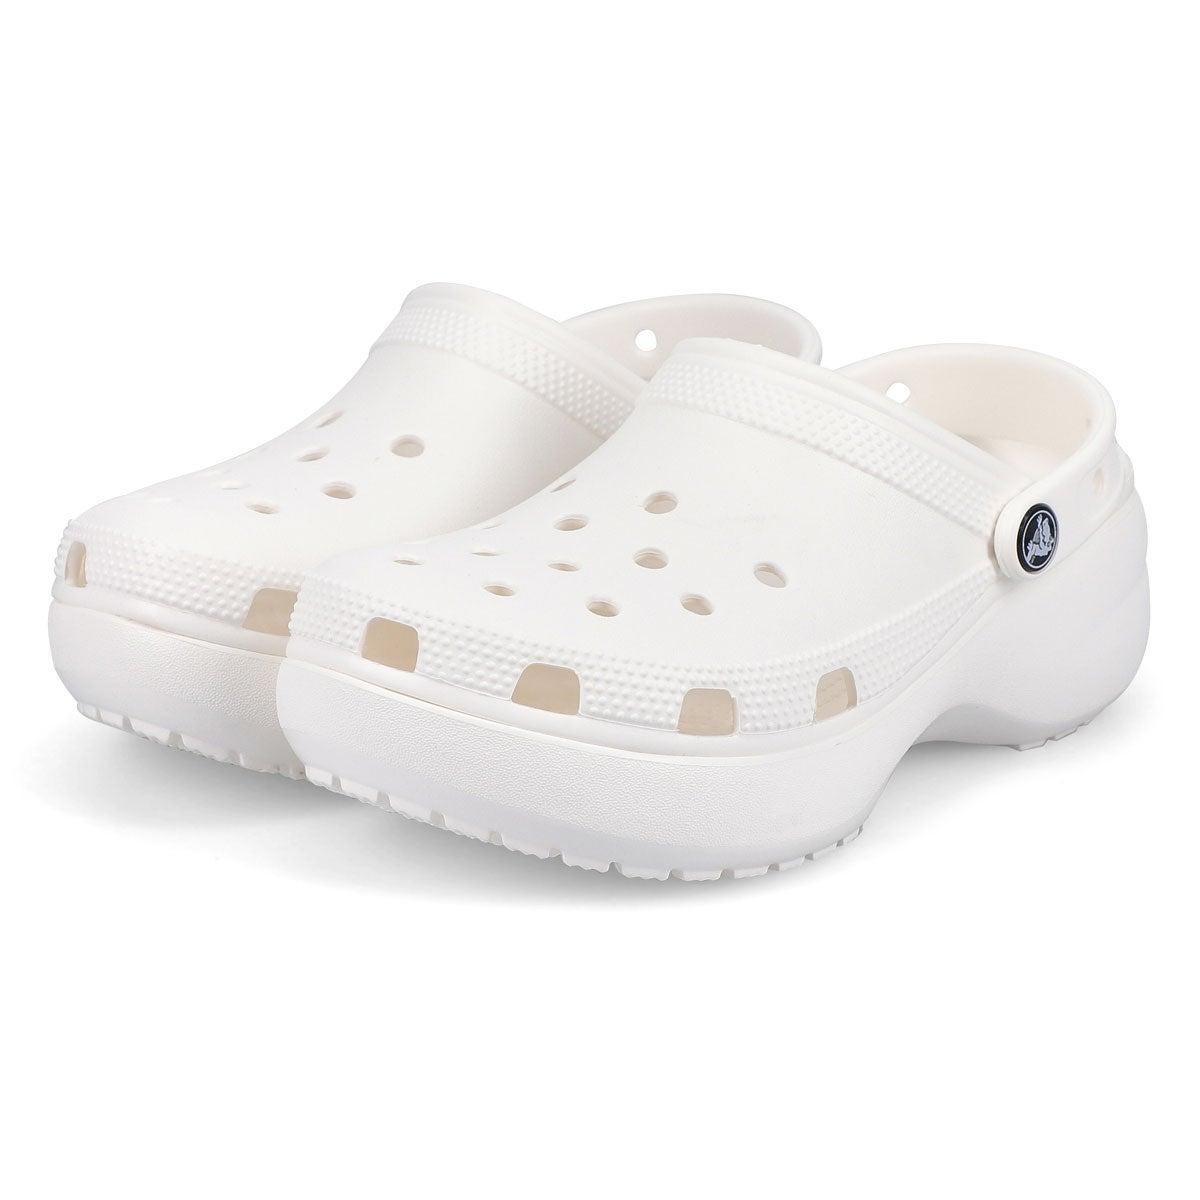 Women's Classic Platform EVA Clog - White